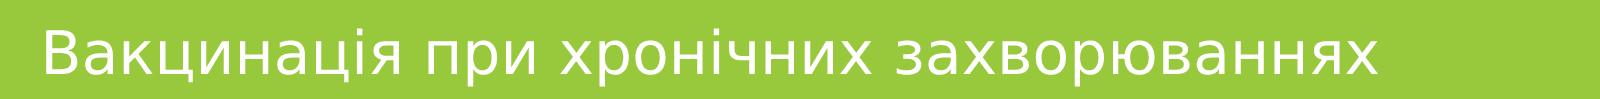 Vaktsinatsiya_pri_hronichnih_zahvoryuvannyah